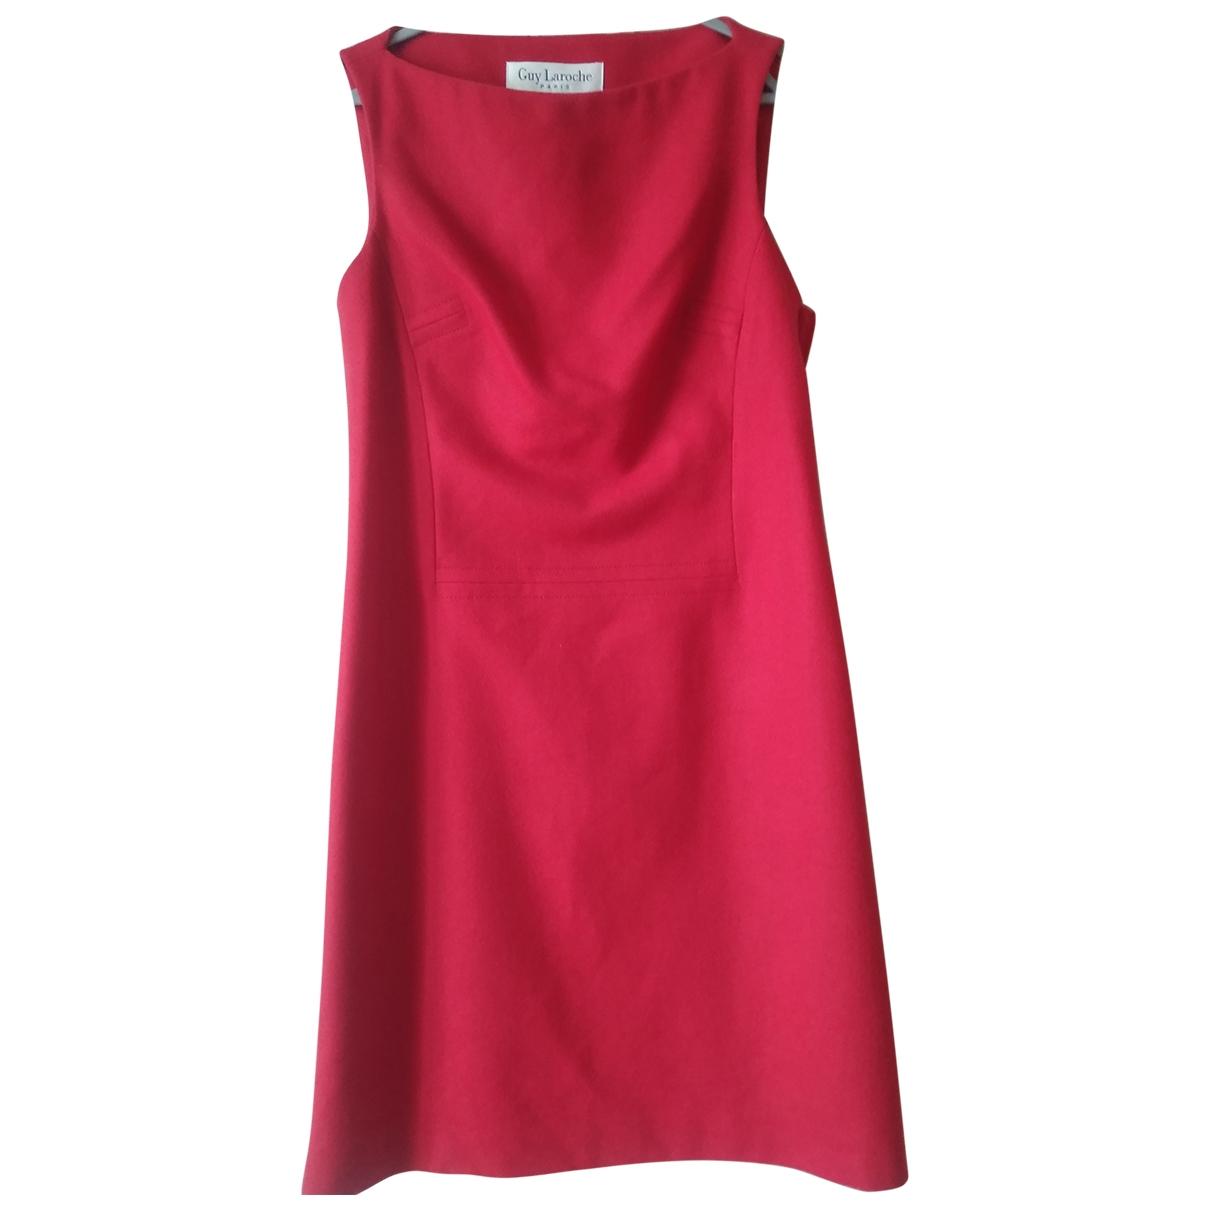 Guy Laroche \N Red Wool dress for Women 38 FR